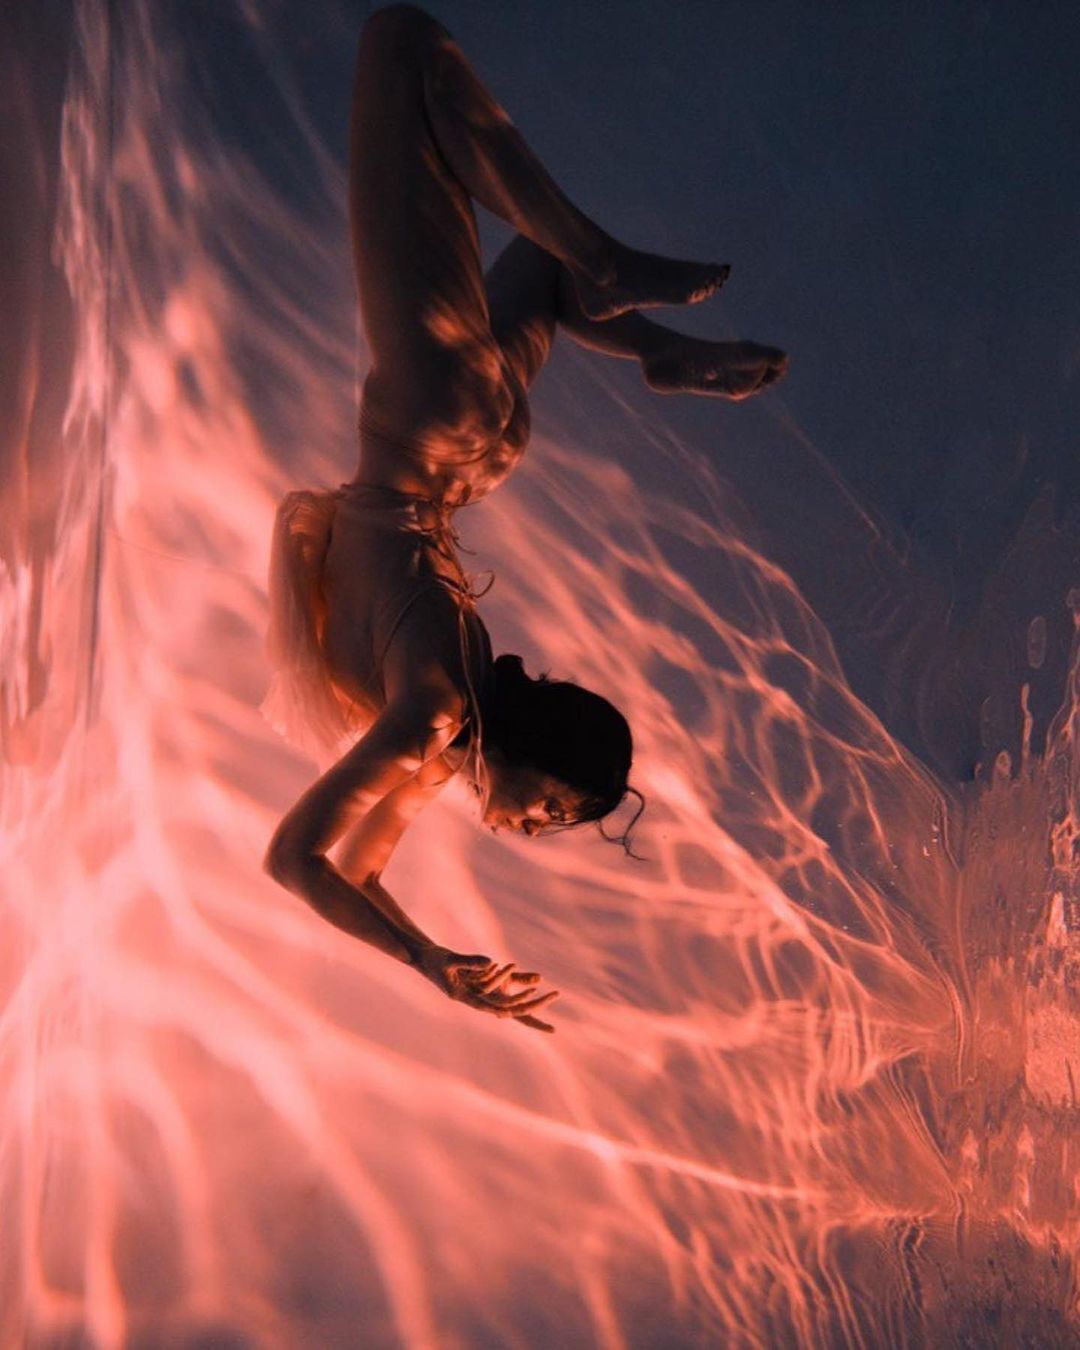 Астафьева продемонстрировала стройную фигуру и гибкость под водой.